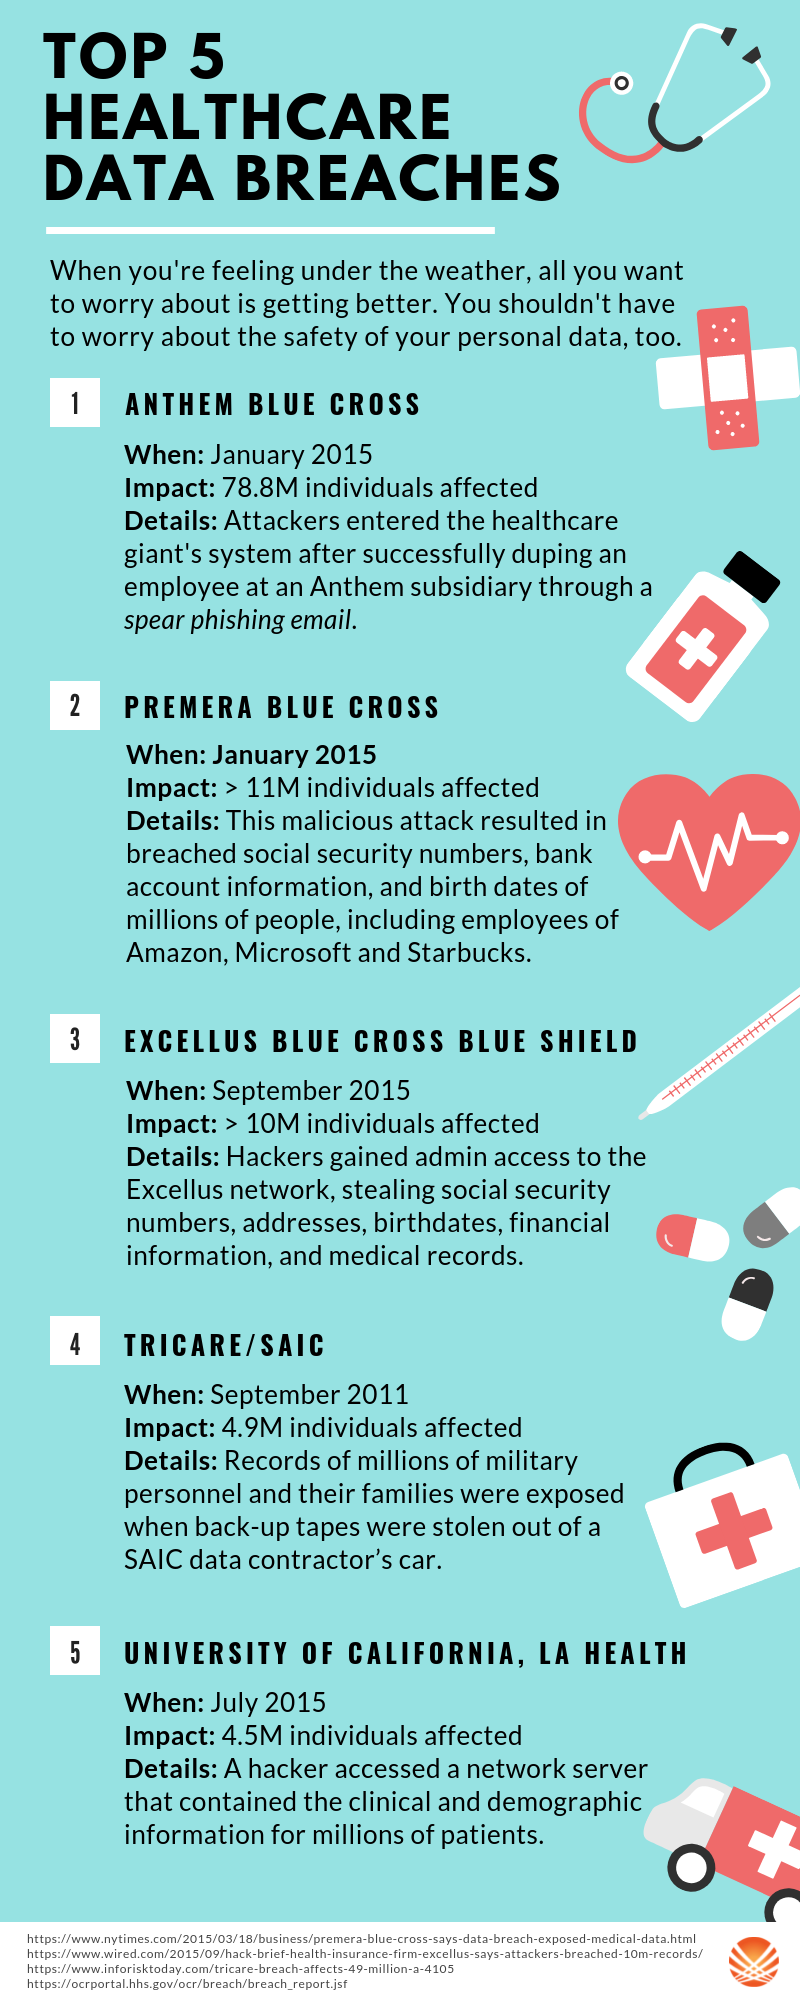 Top 5 Healthcare Data Breaches